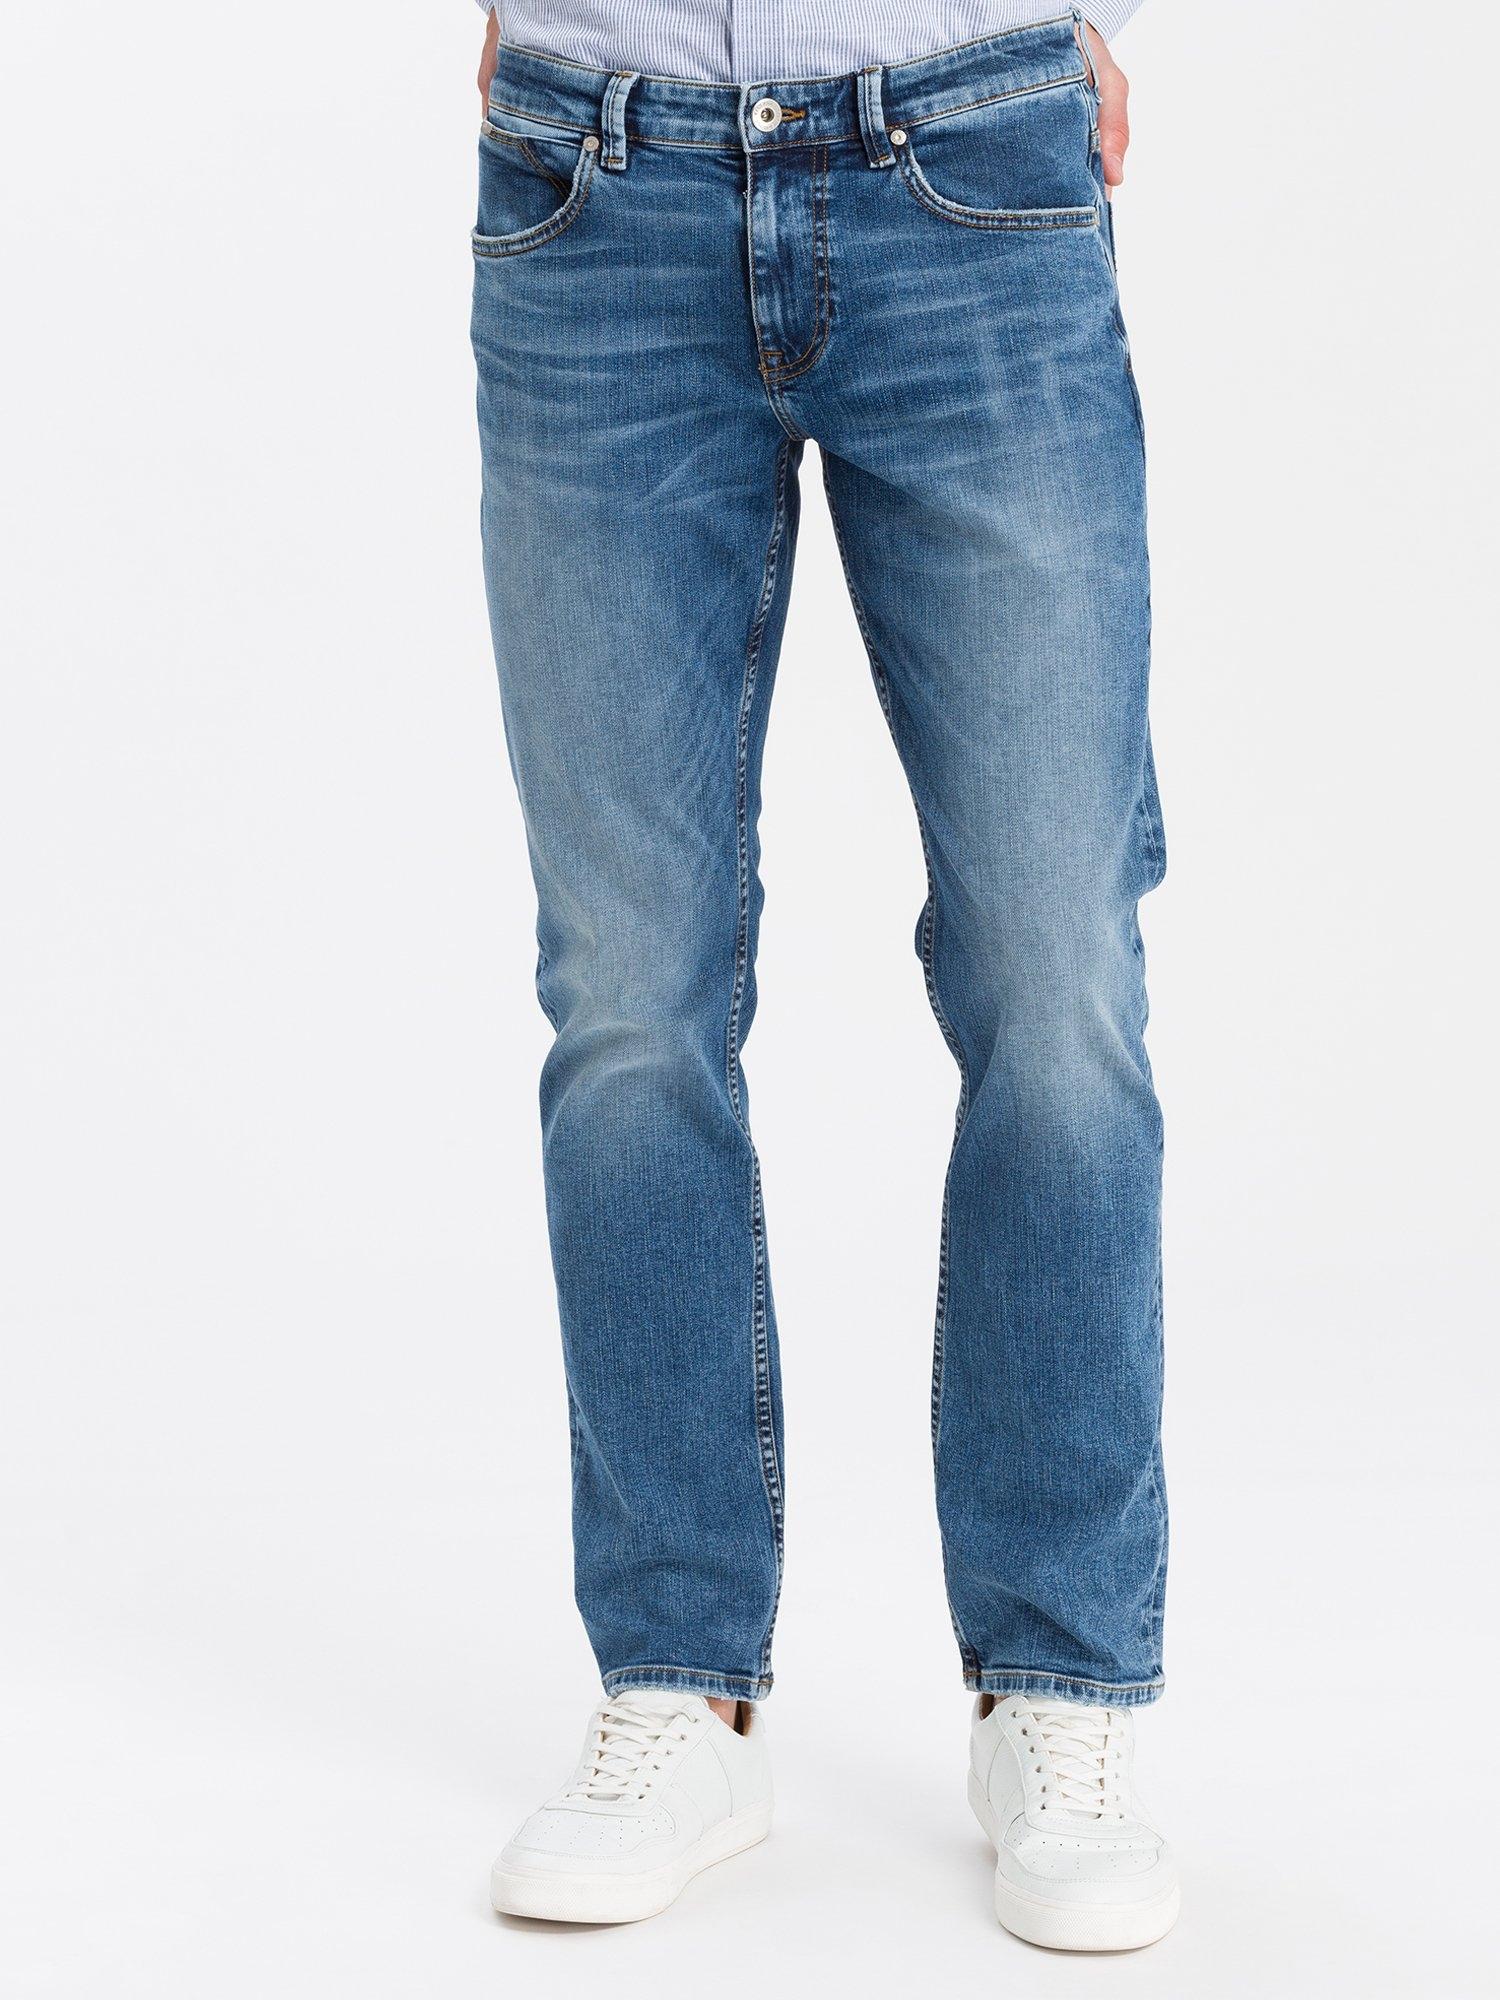 CROSS Jeans Jeans »Dylan« voordelig en veilig online kopen